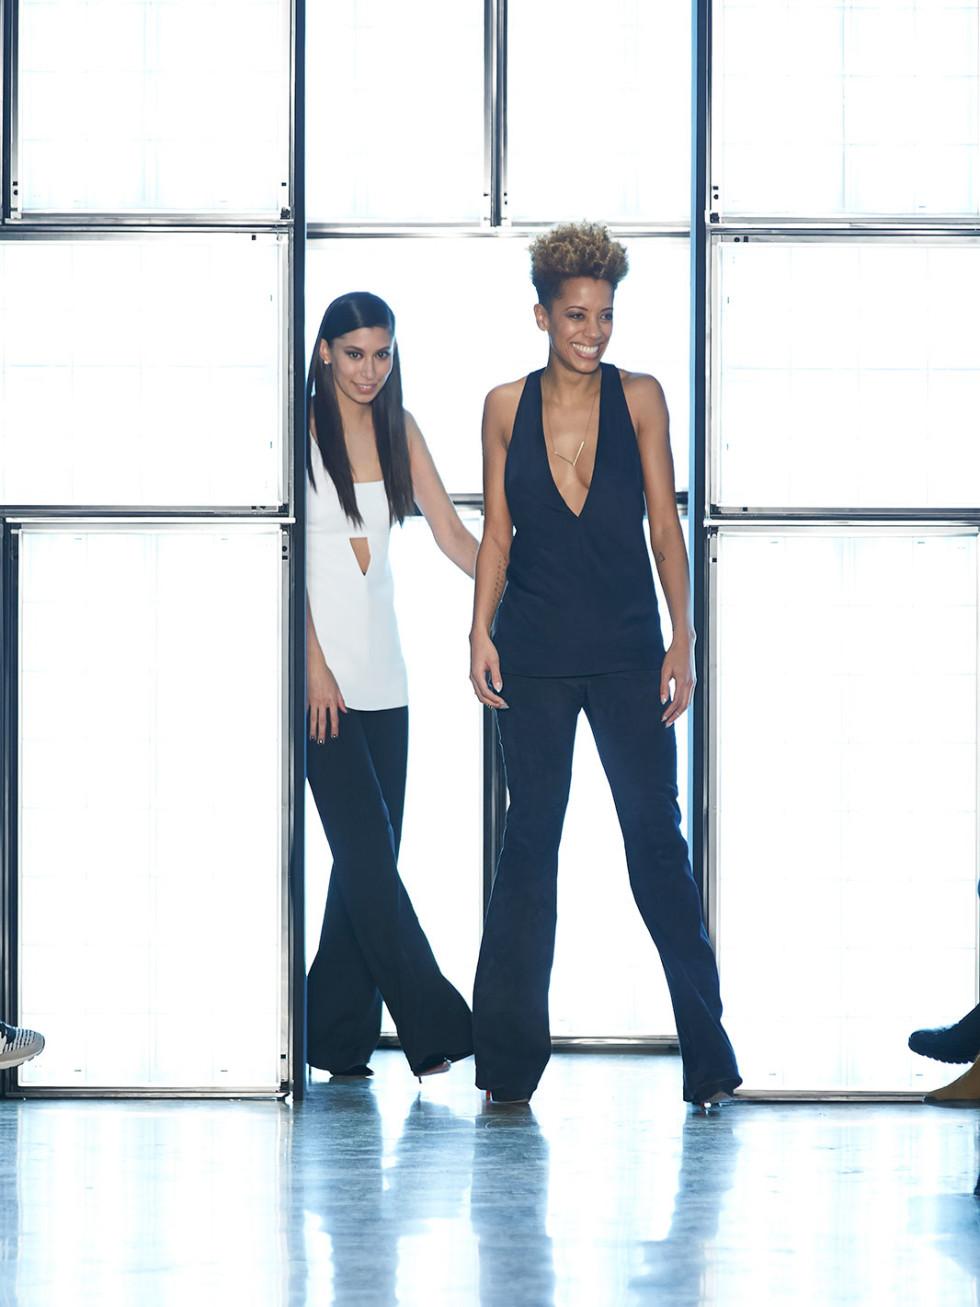 Clifford New York Fashion Week fall 2015 Cushnie et Ochs April 2015 Look36